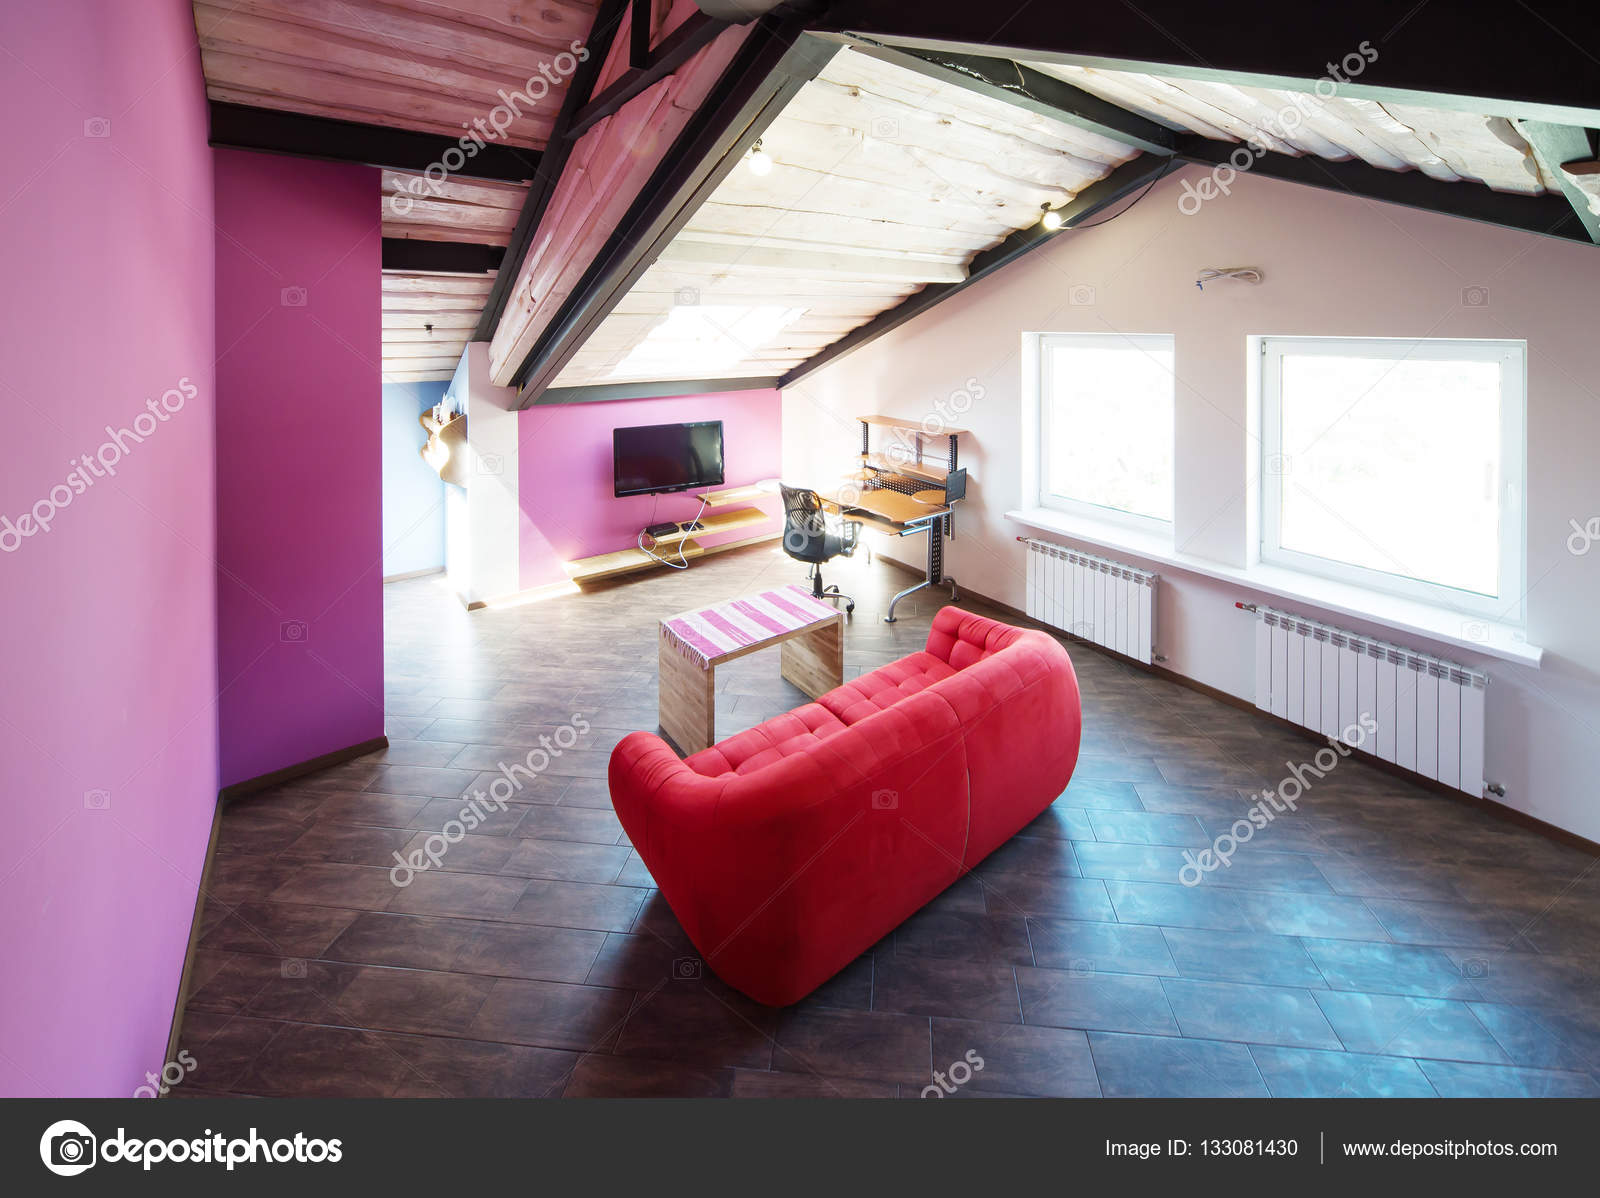 AuBergewohnlich Kleines Wohnzimmer Interieur Und Loft Im Neuen Zuhause Mit Schrägen Dach U2014  Stockfoto